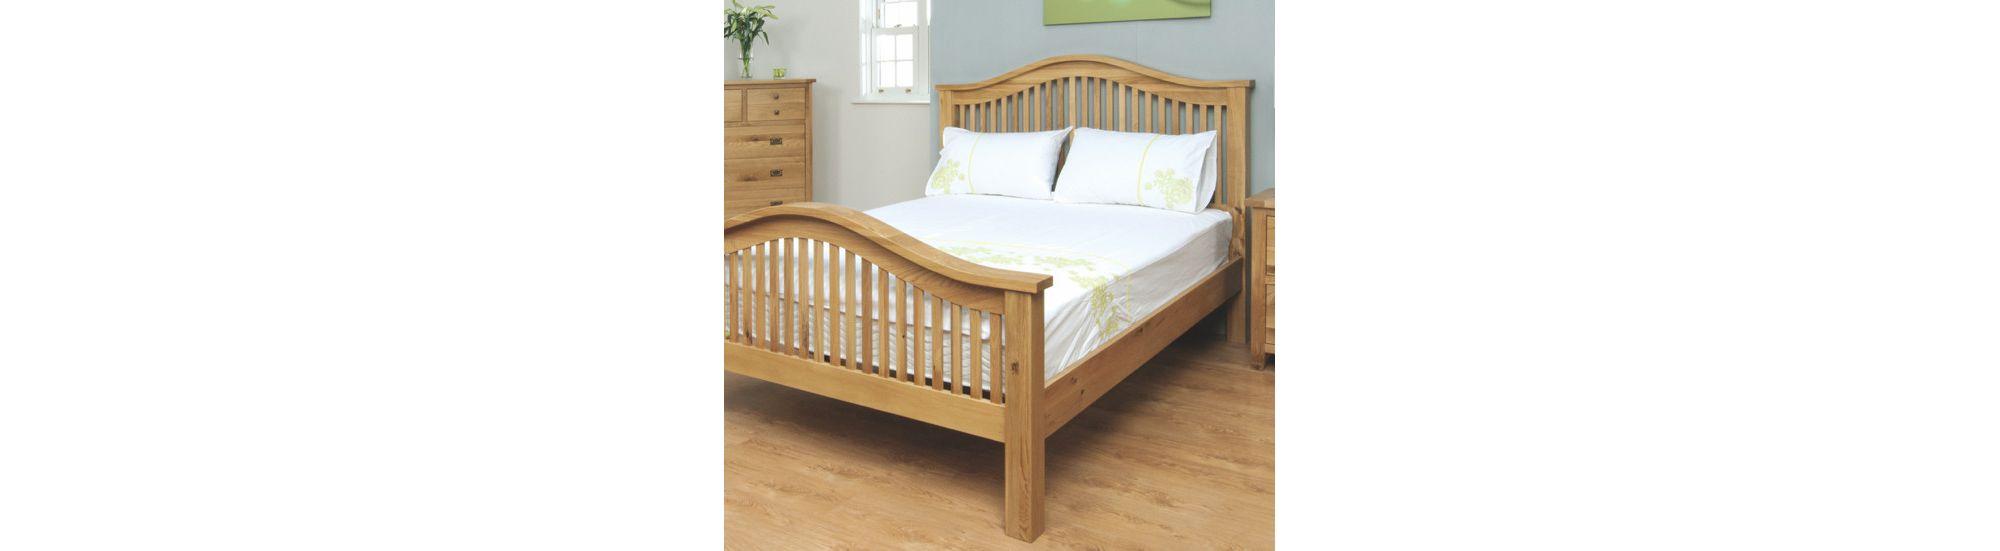 Blue Bedroom Furniture Homebase Co Uk